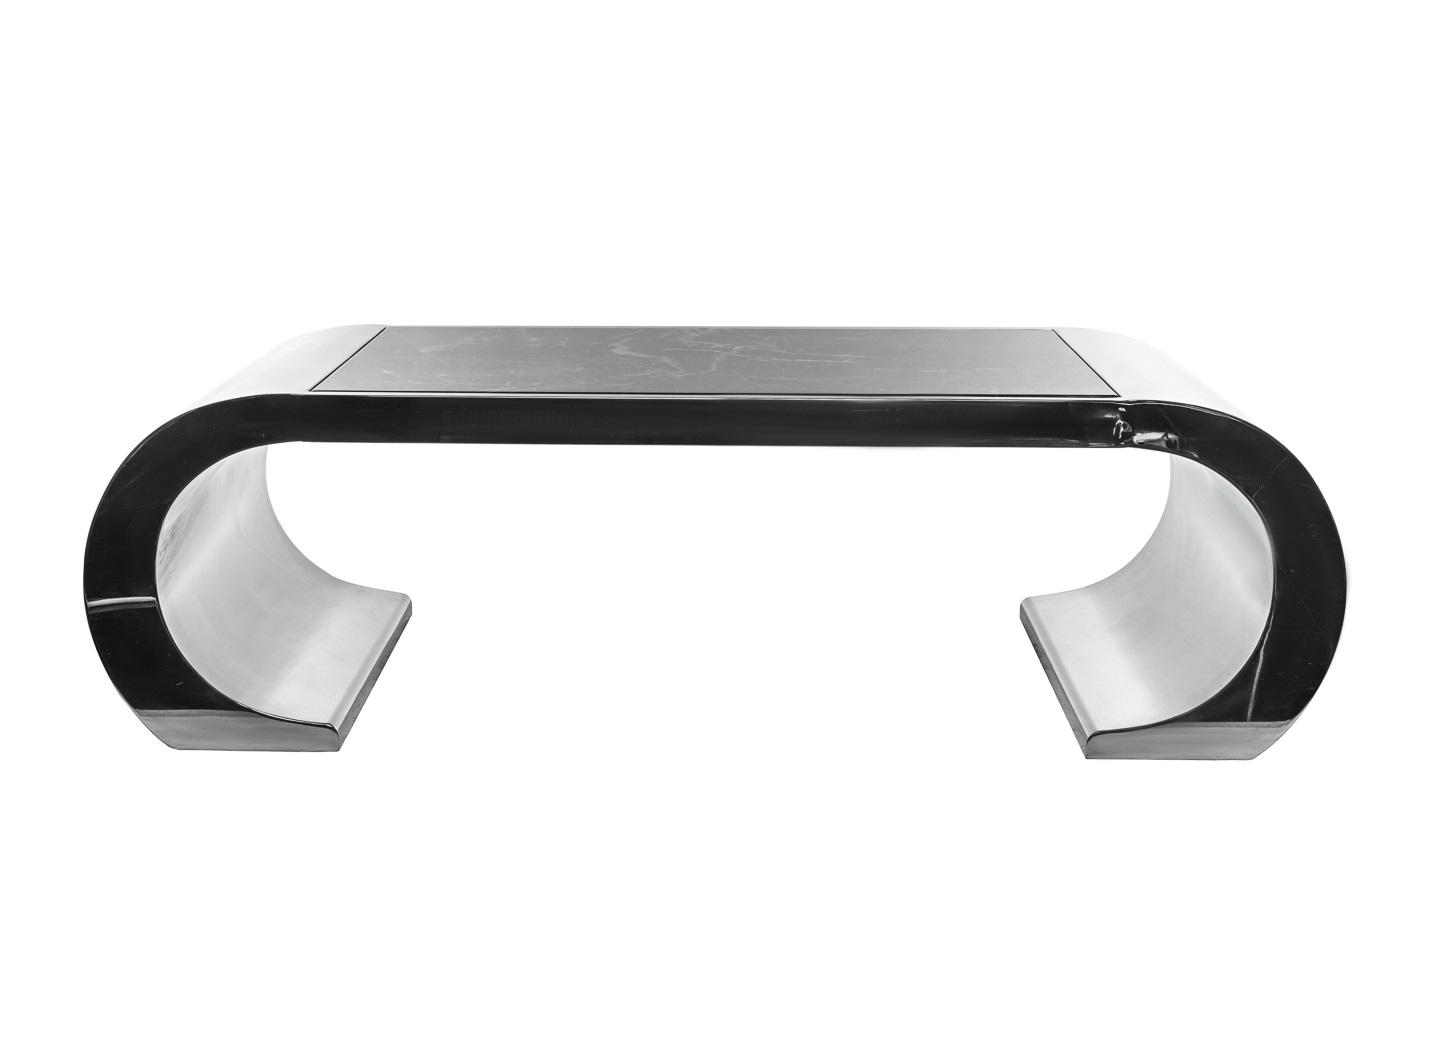 Журнальный столЖурнальные столики<br>Материал: стальное основание, столешница из искусственного мрамора темно-серого цвета с белыми прожилками<br><br>Material: Сталь<br>Width см: 130<br>Depth см: 60<br>Height см: 38